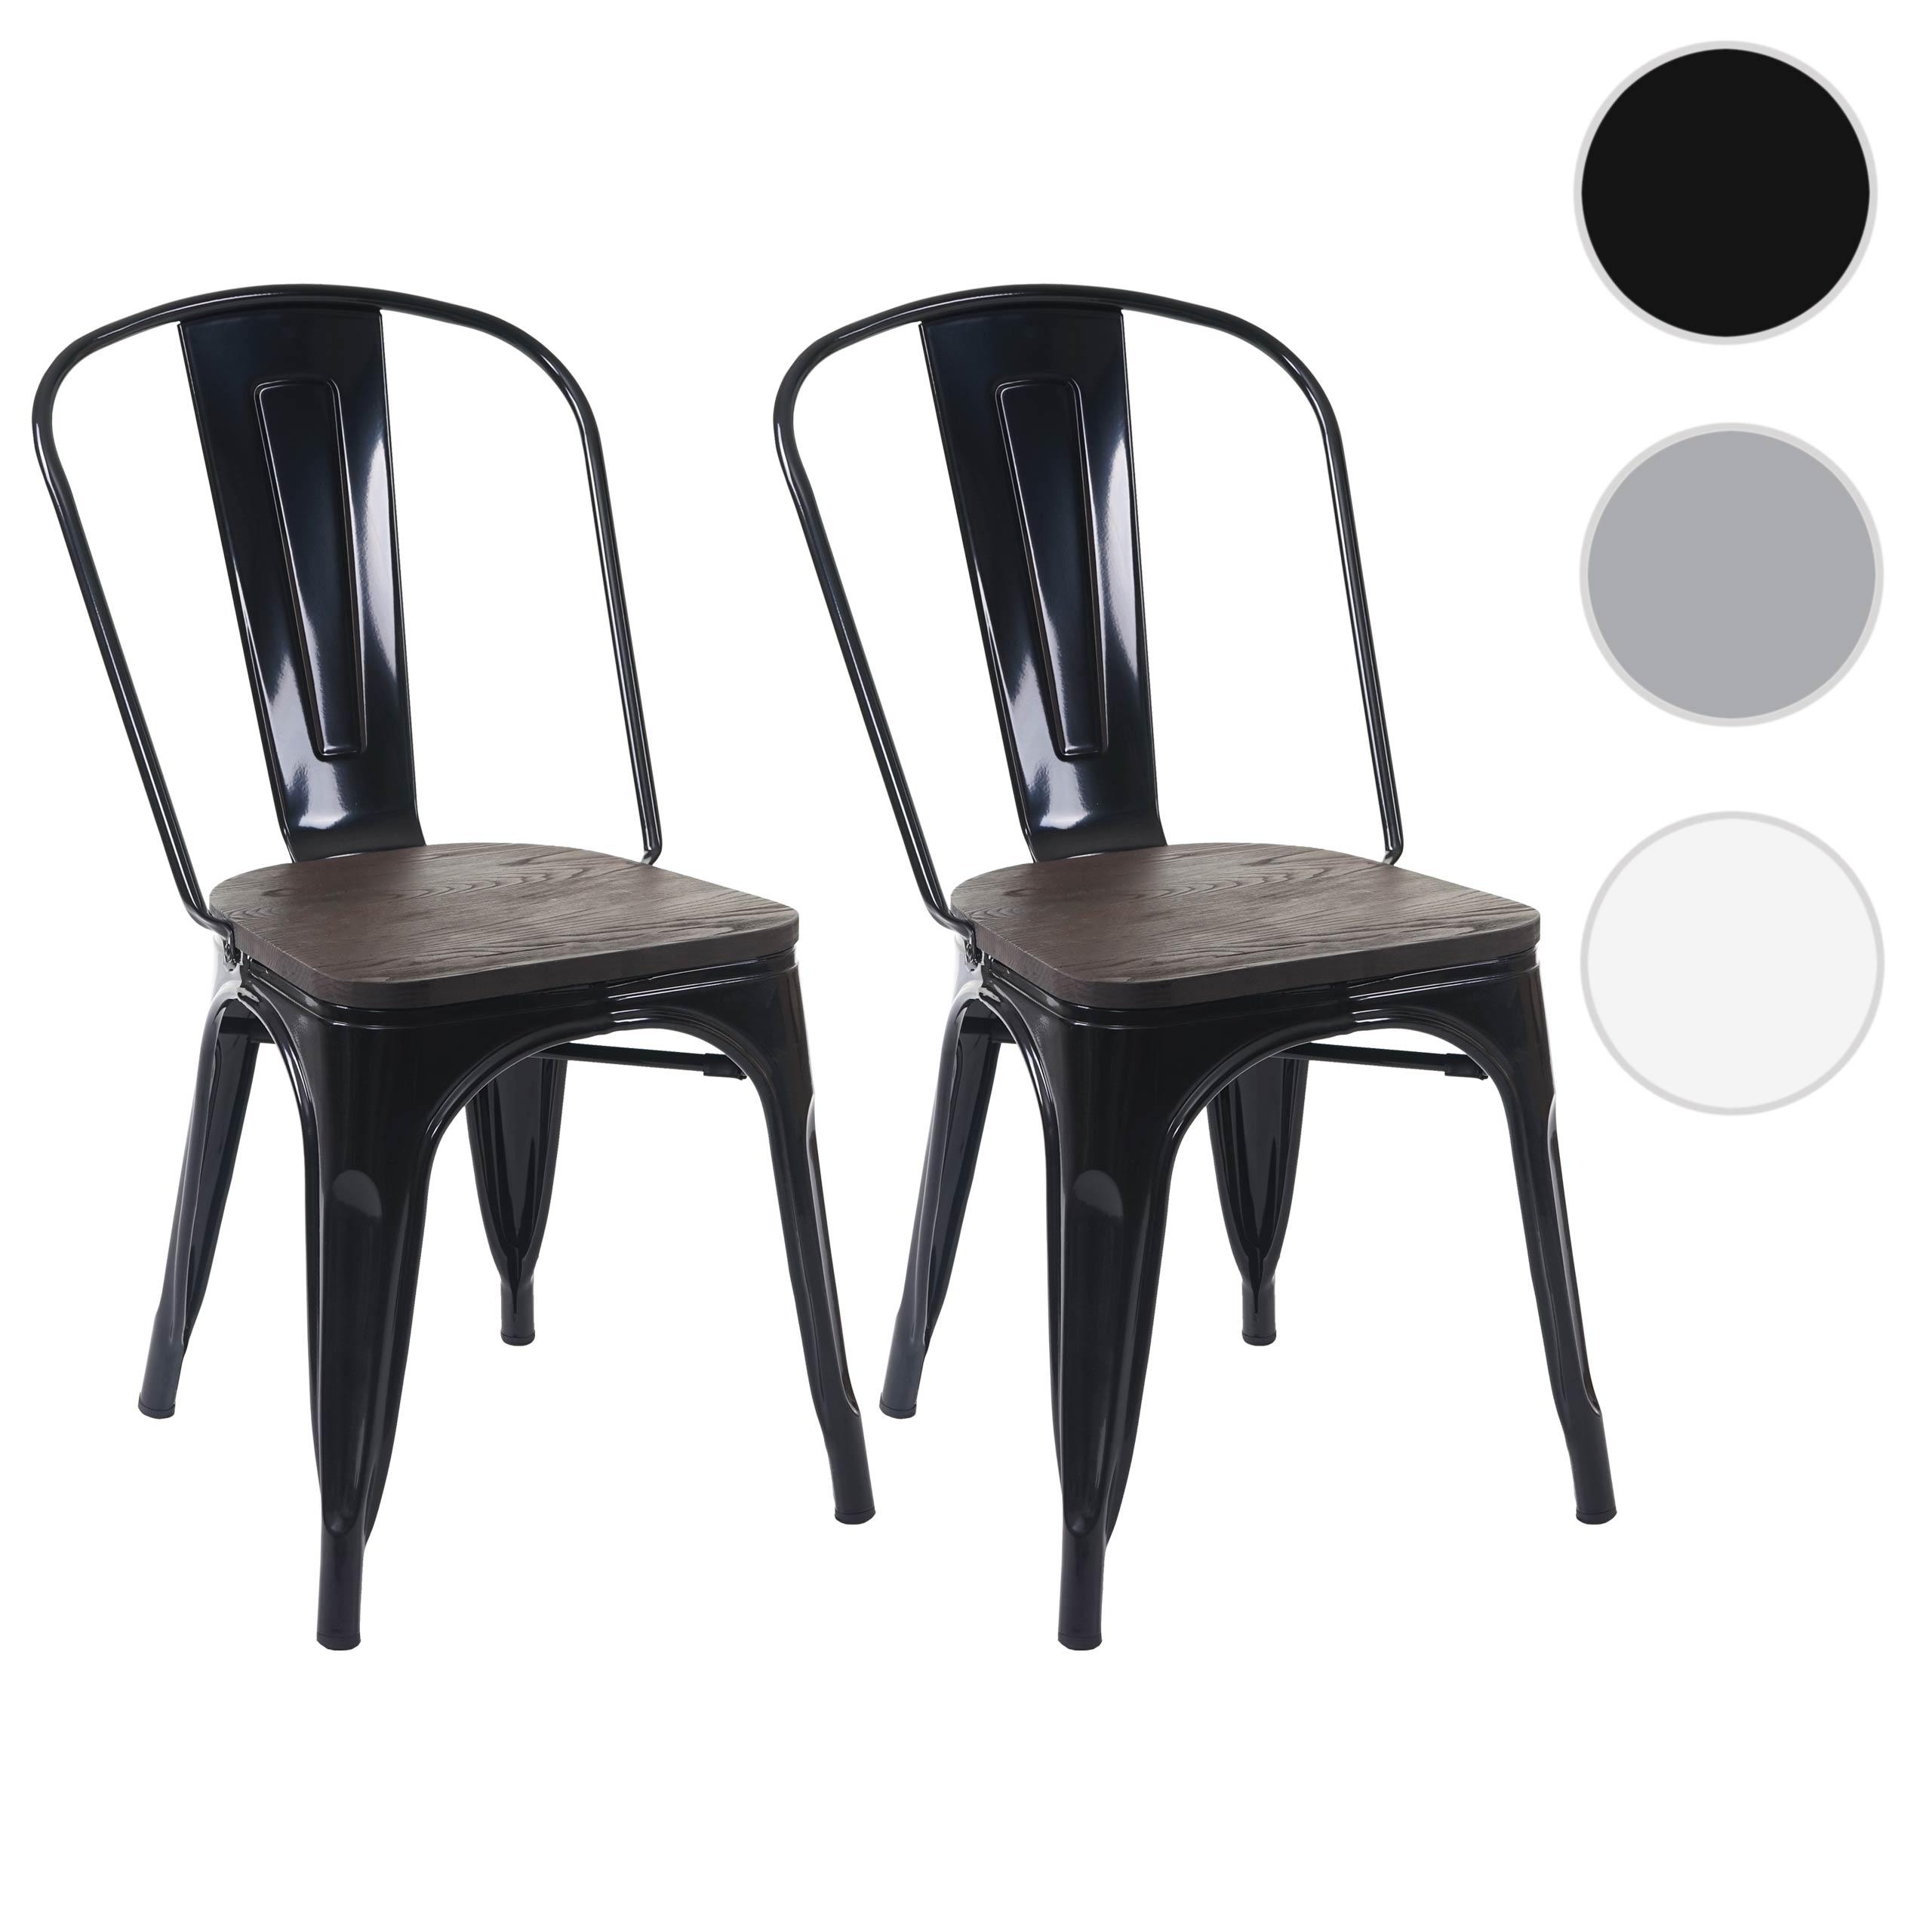 Mendler 2x Stuhl HWC-A73 inkl. Holz-Sitzfläche, Bistrostuhl Stapelstuhl, Metall Industriedesign stapelbar ~ 70404